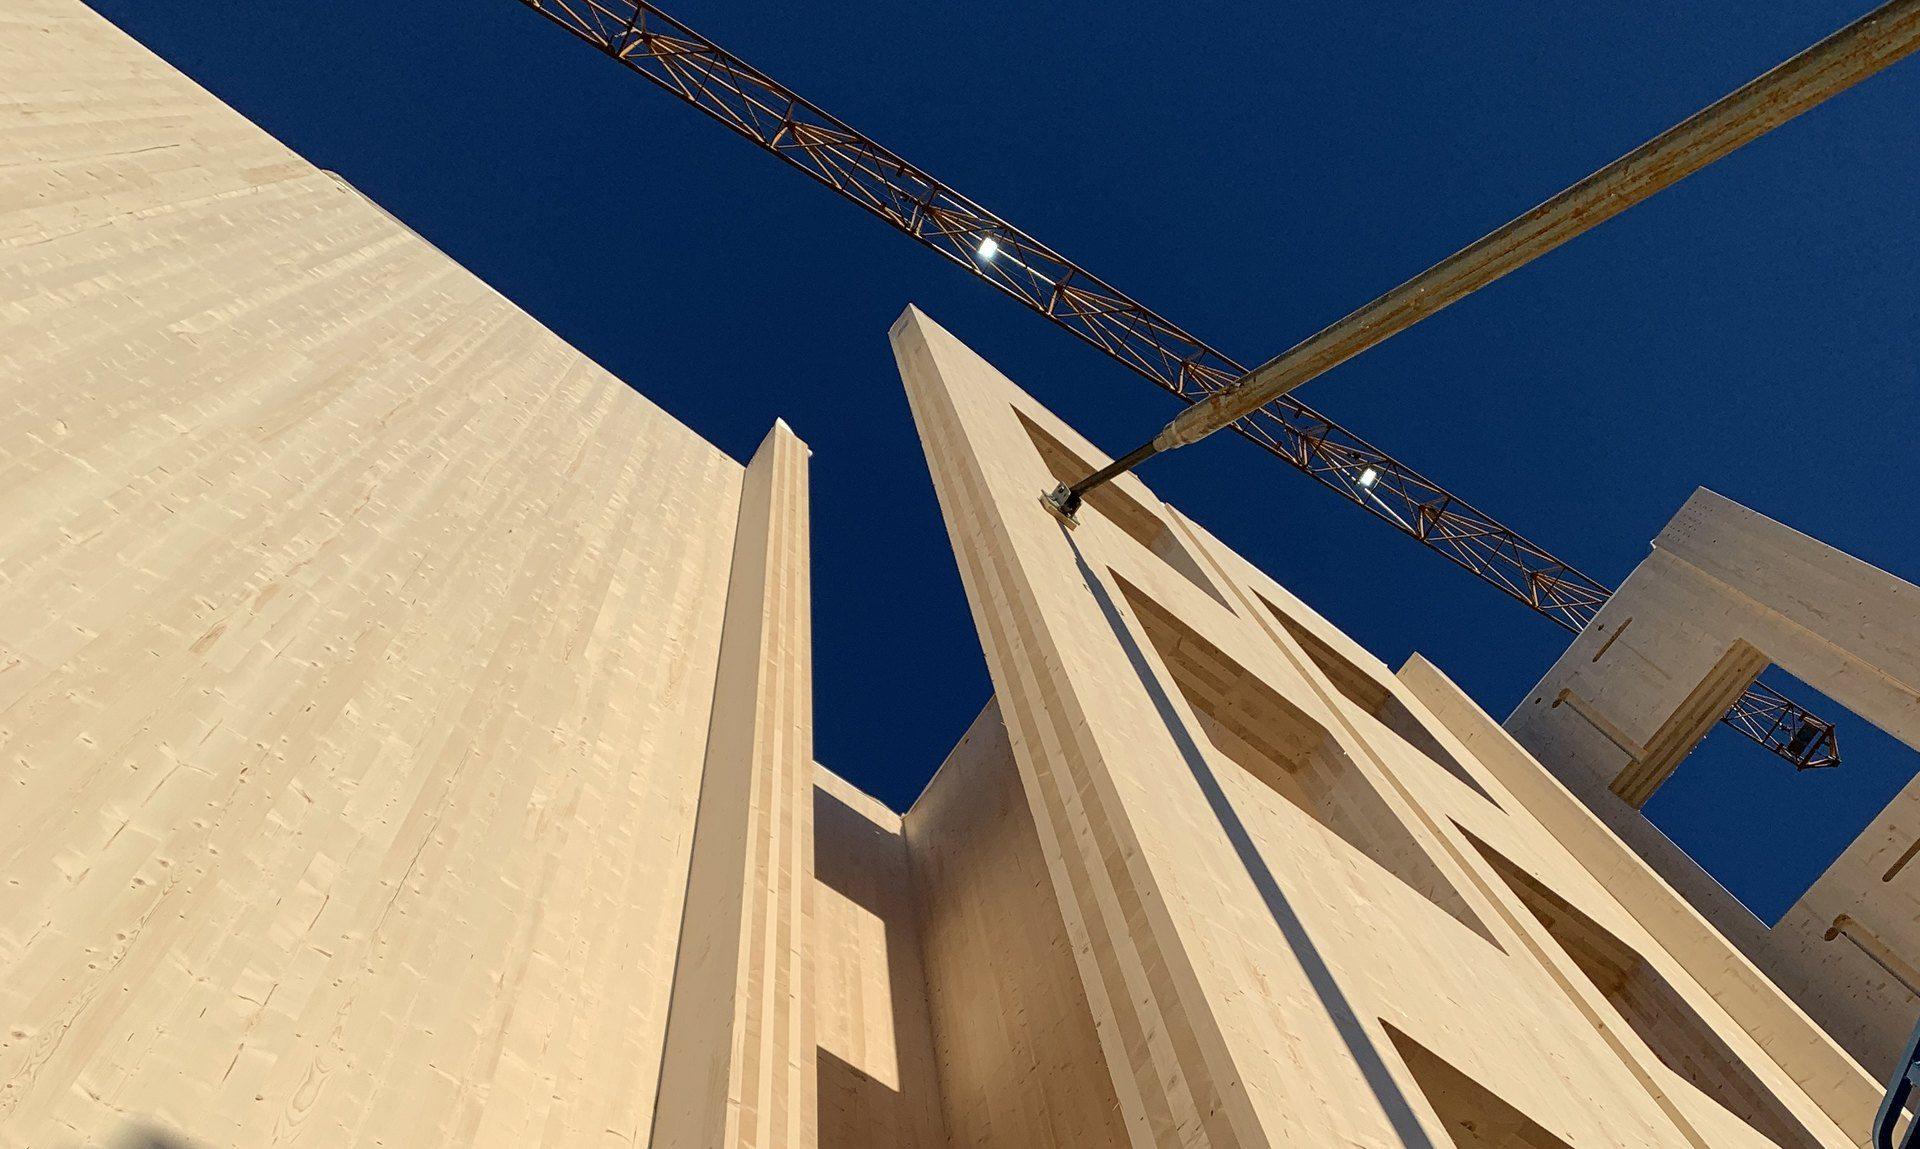 10 etasjer med massivtre - Et kontorbygg har sjelden vært nærmere naturen.